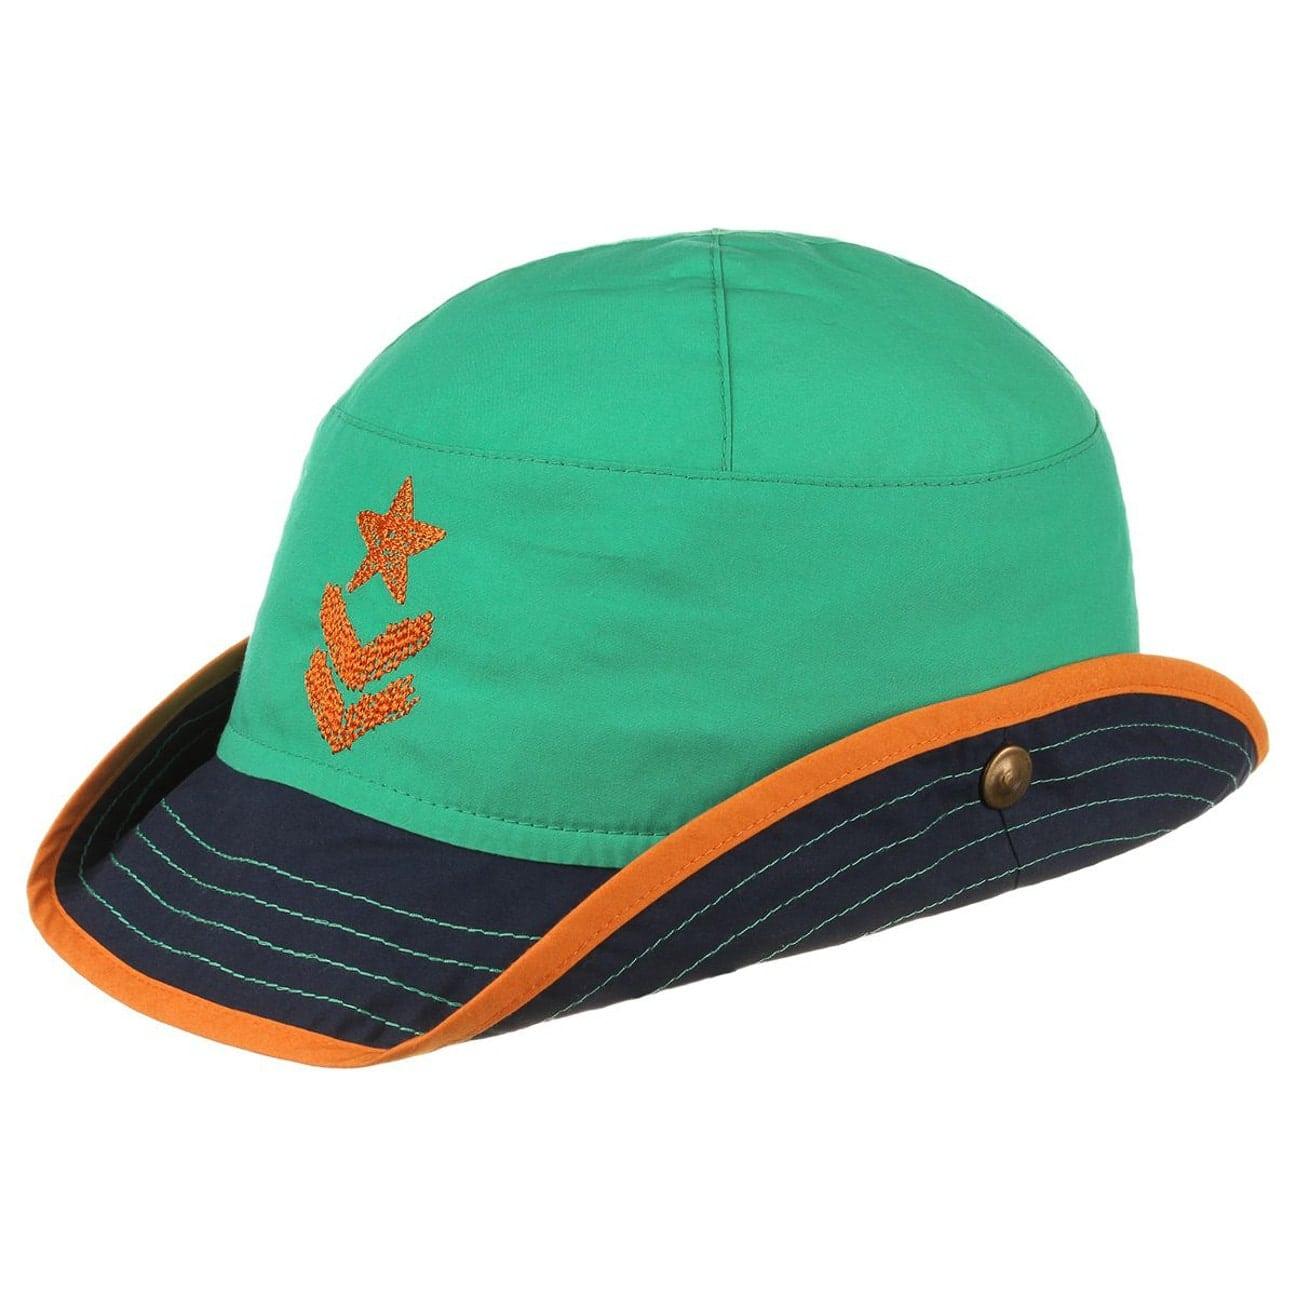 Sombrero de Ni?o Luca by Sterntaler  sombrero ala ancha